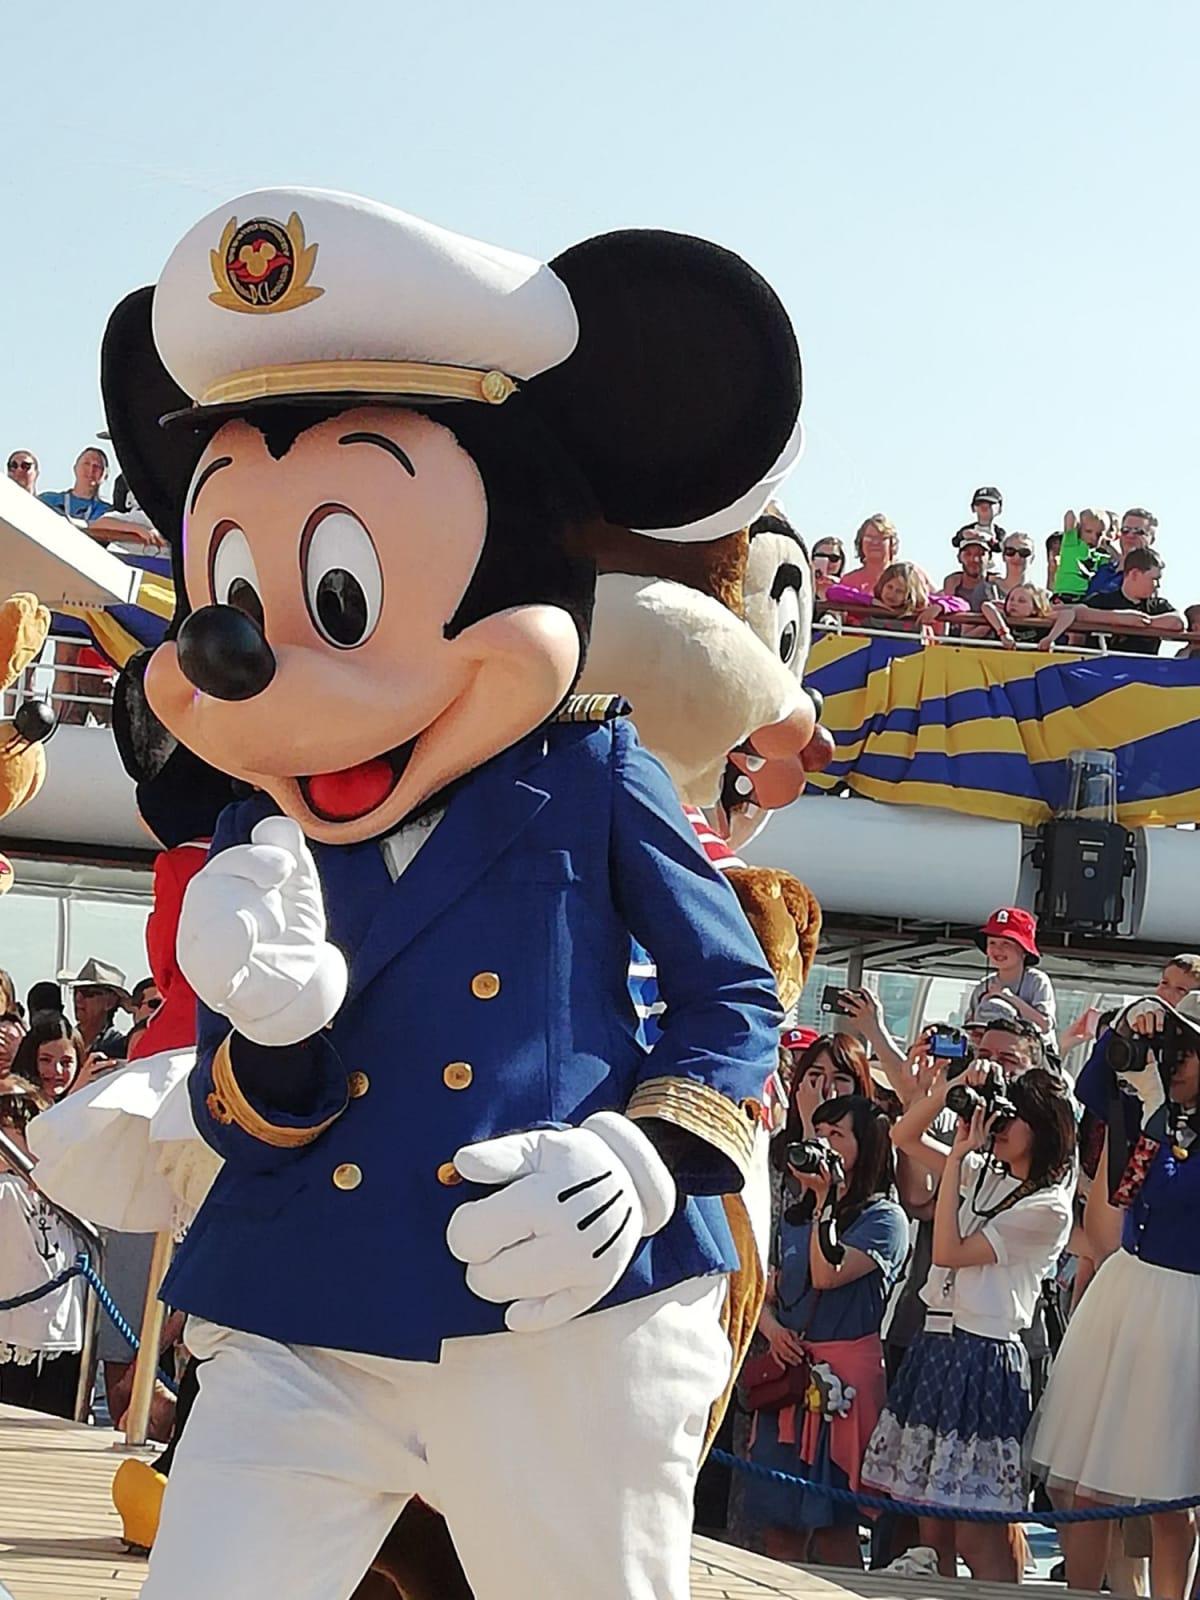 出航パーティの時のミッキー船長です。 | 客船ディズニー・マジックのアクティビティ、船内施設